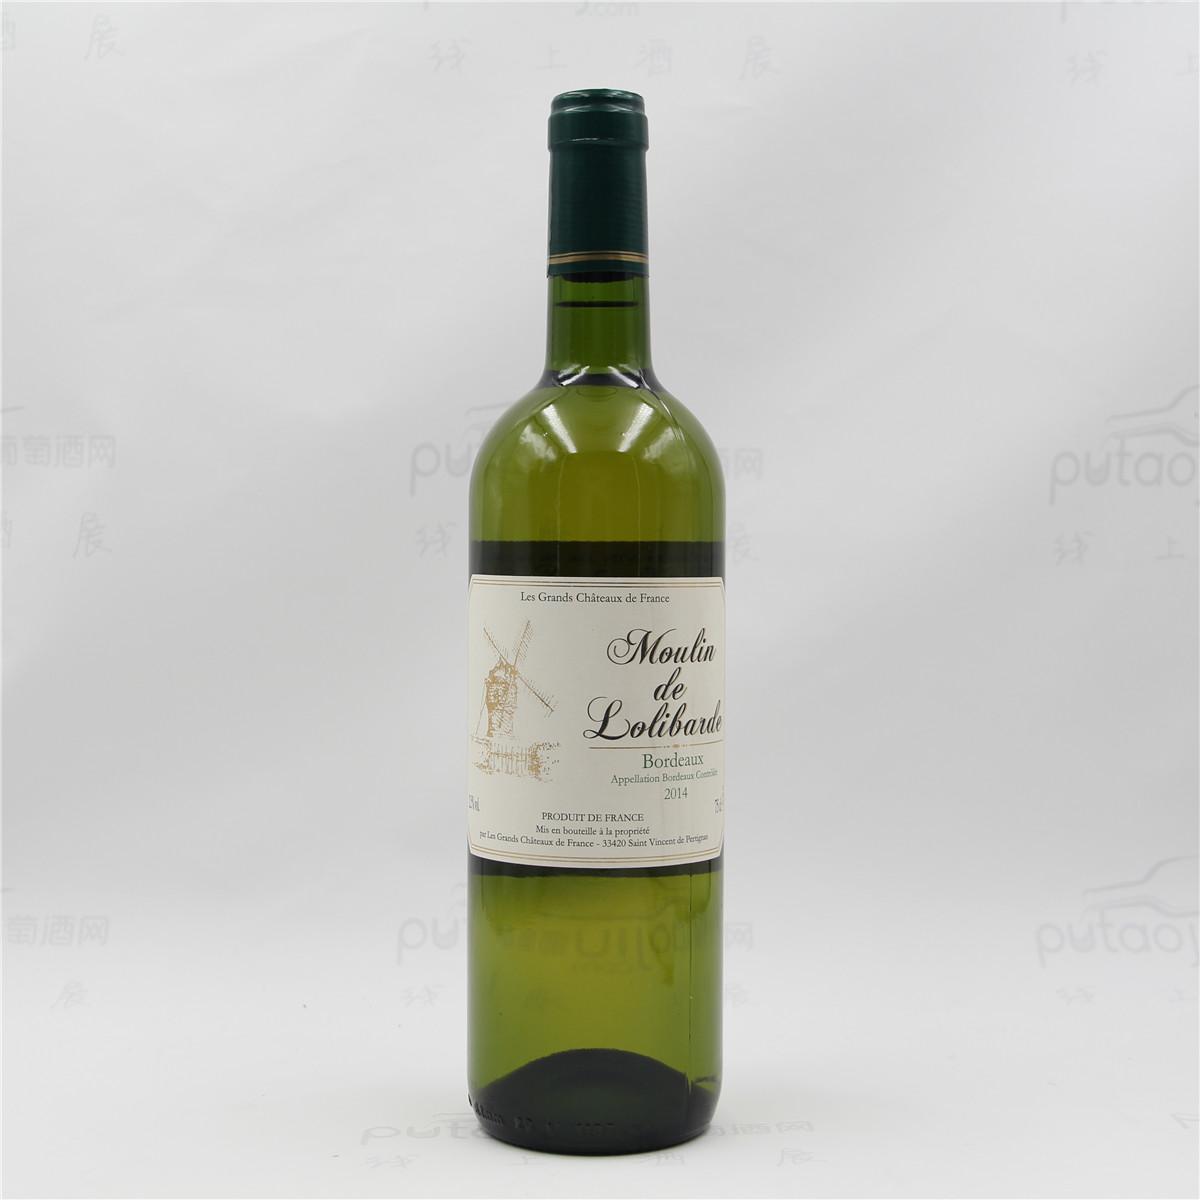 法国波尔多诺让酒庄长相思赛美蓉风车城堡AOC干白葡萄酒